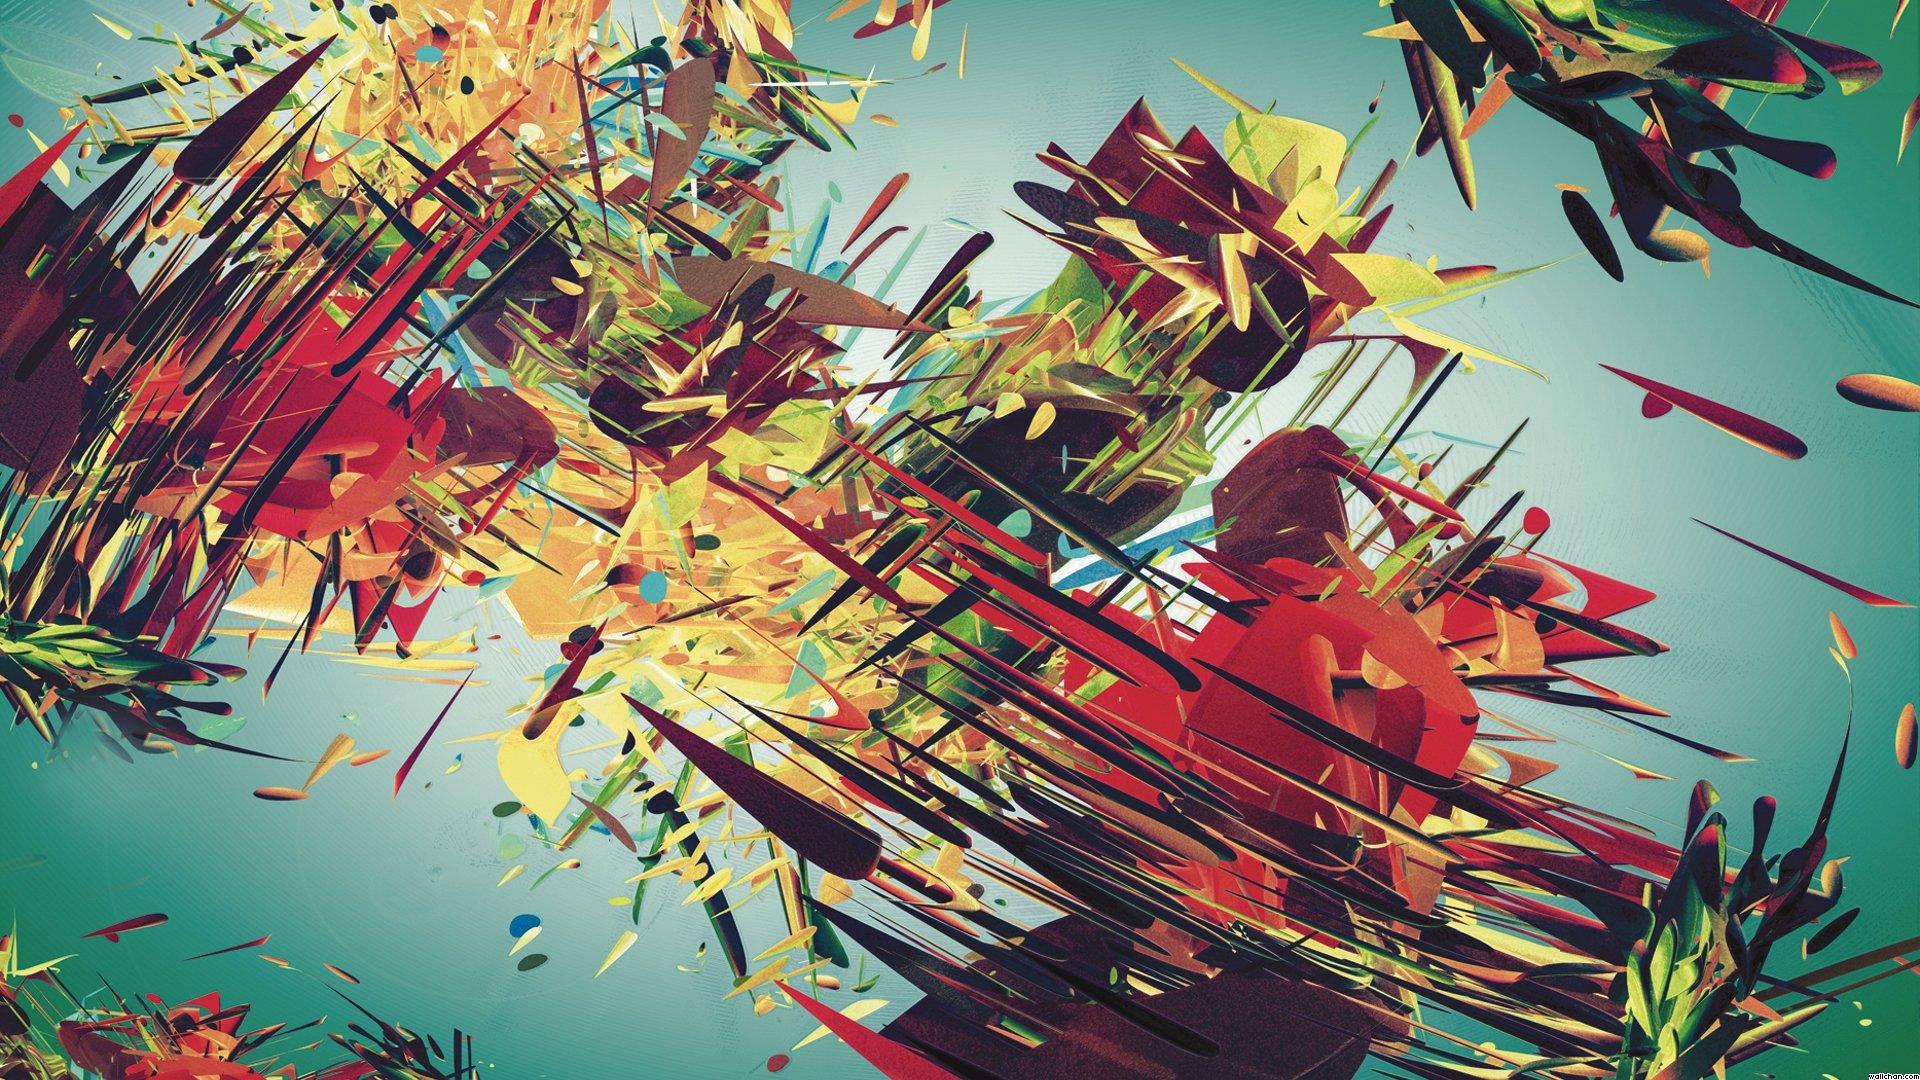 арт абстракция art abstraction  № 2844216 загрузить